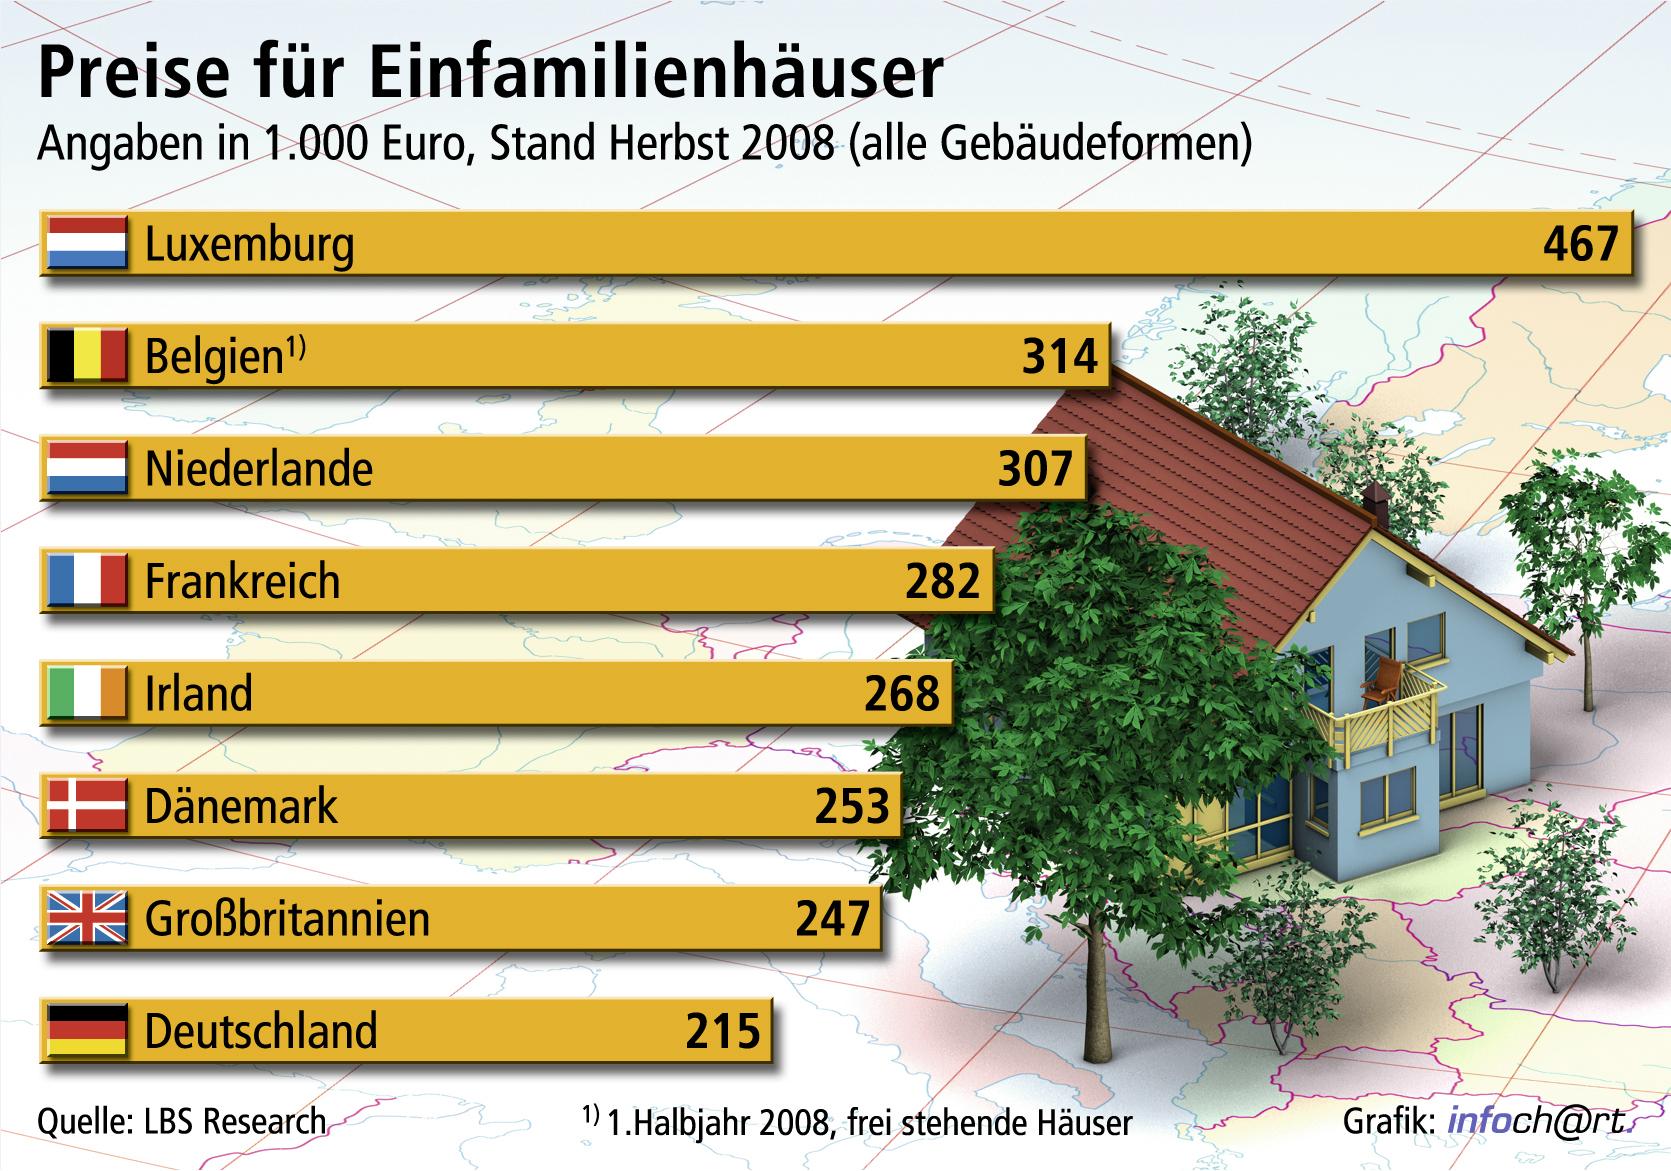 eigenheime in vielen teilen europas deutlich teurer bis herbst 2008 noch geringe. Black Bedroom Furniture Sets. Home Design Ideas